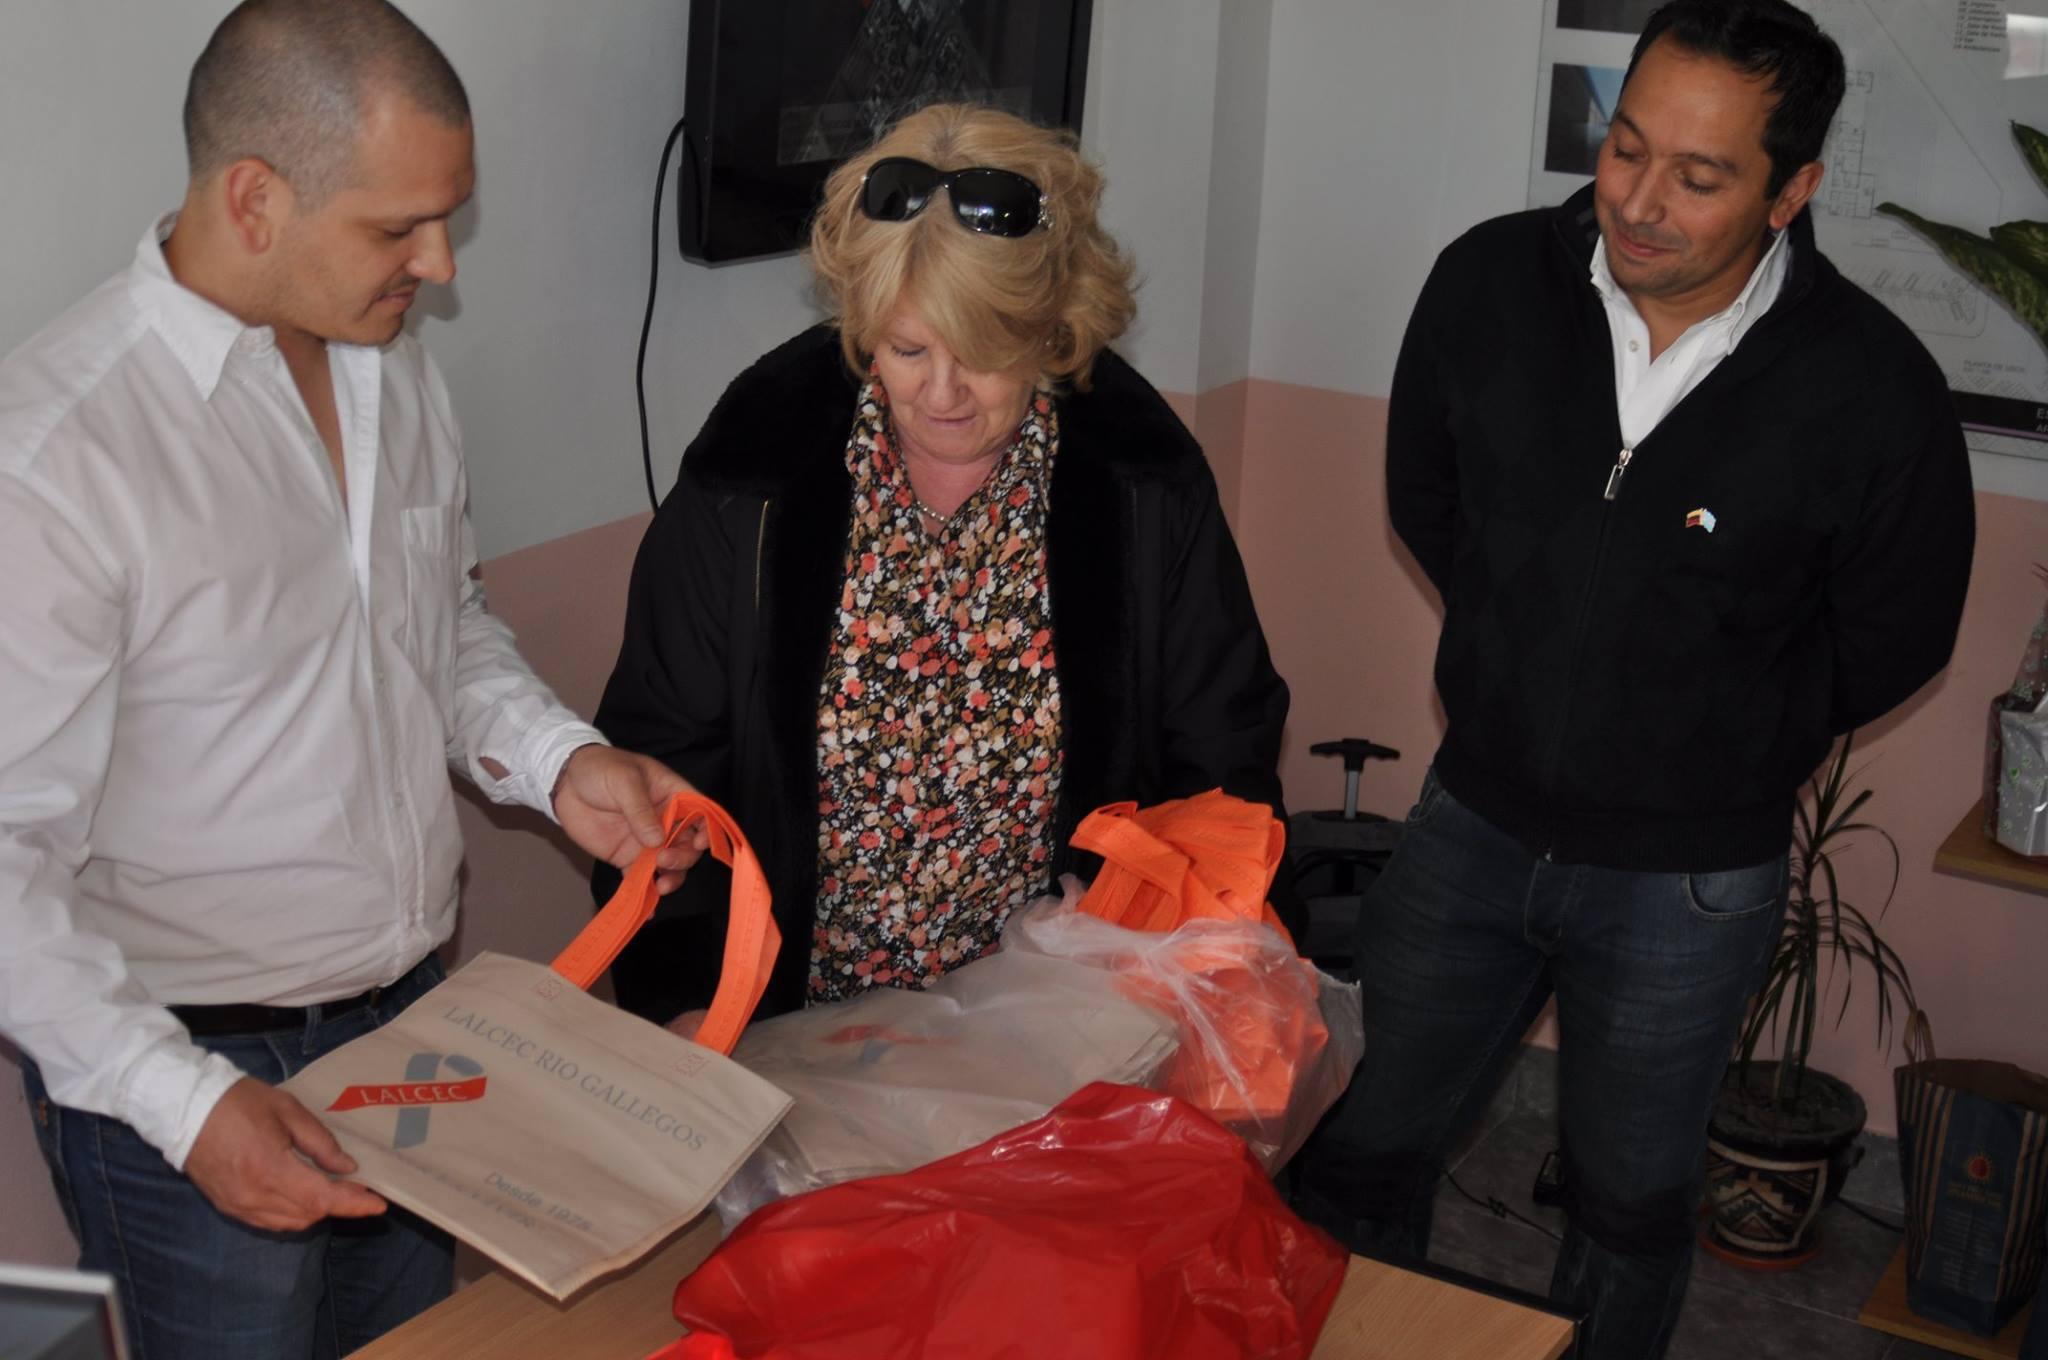 La Presidente de LALCEC de Río Gallegos hizo entrega a la sede local de elementos para comenzar con la campaña preventiva en la comunidad.